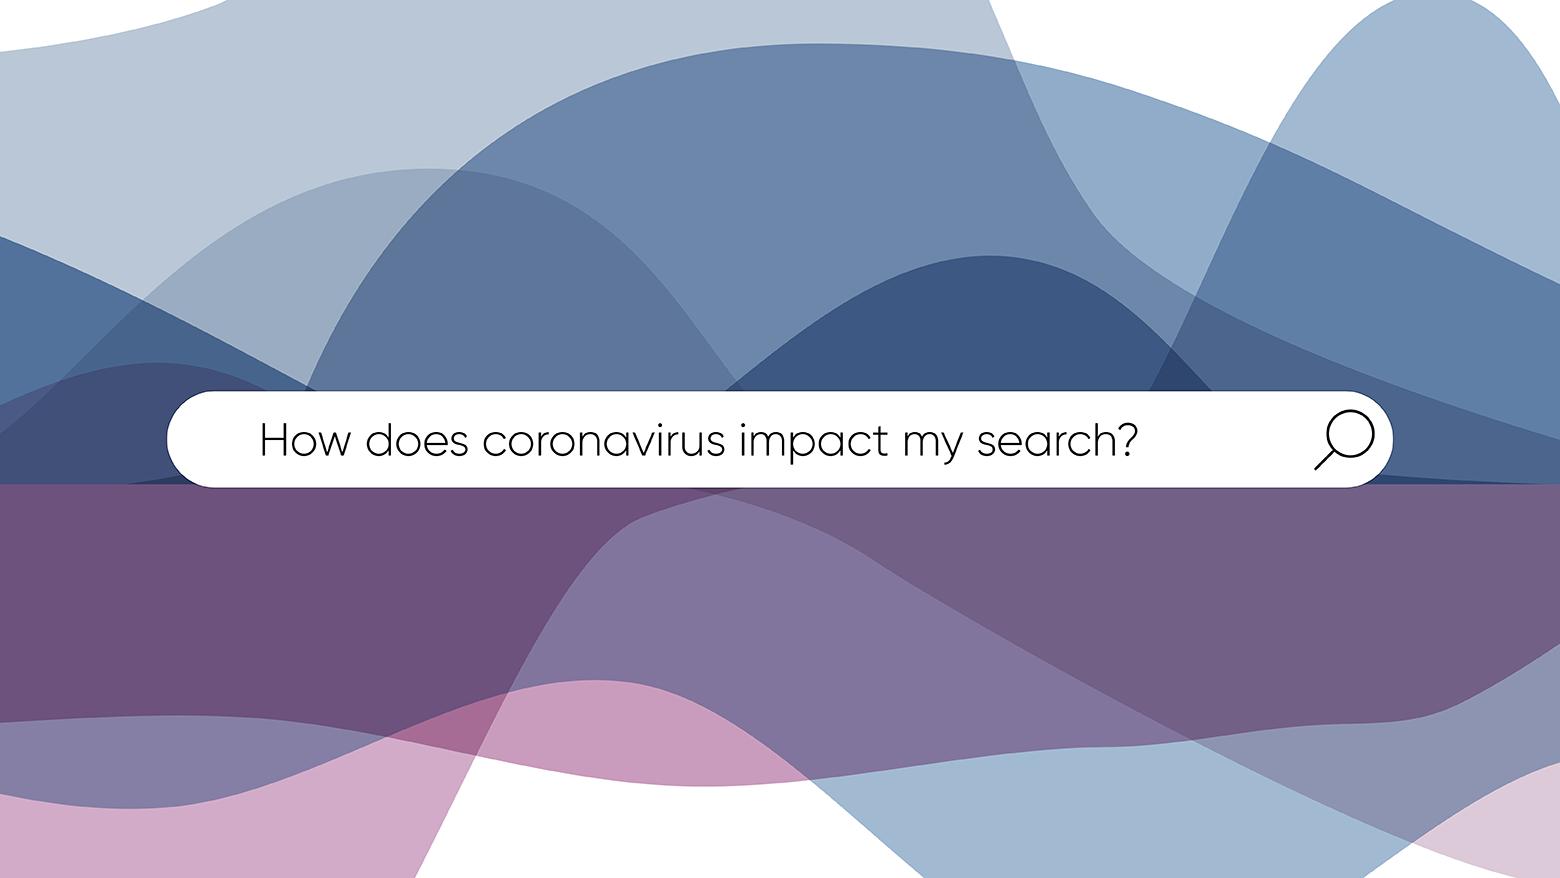 COVID-19 search behaviour